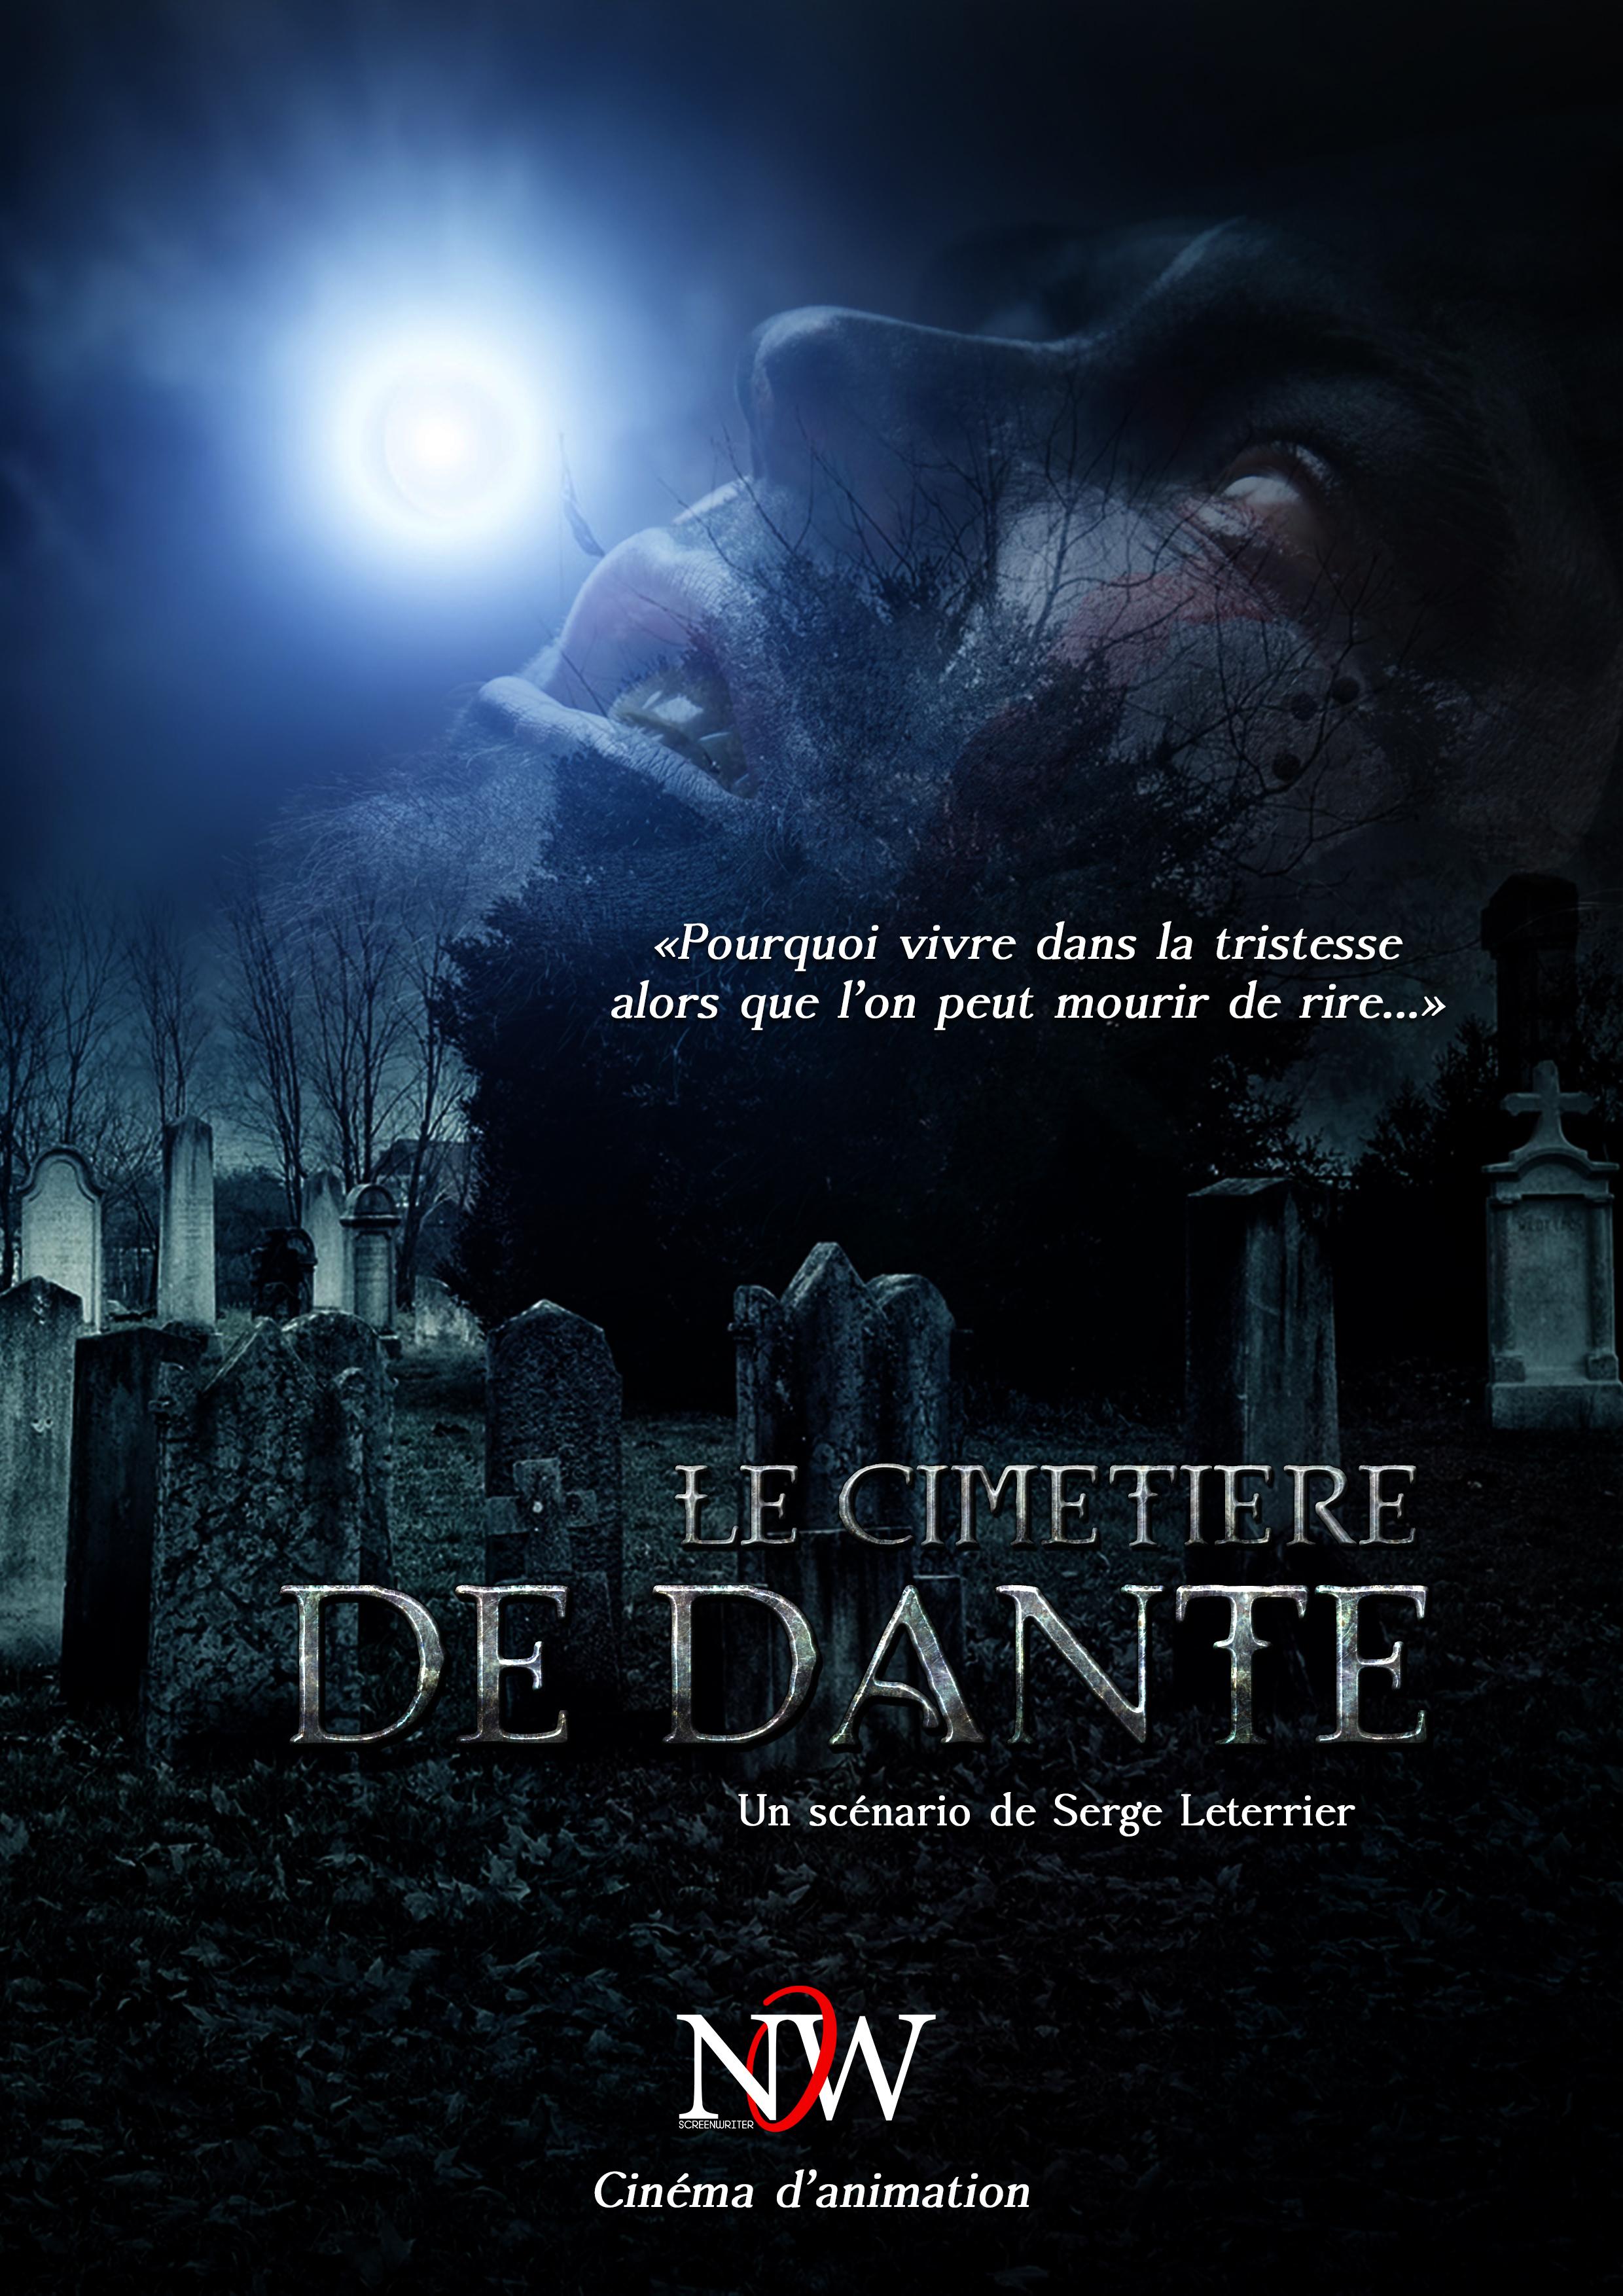 Le cimetière de Dante